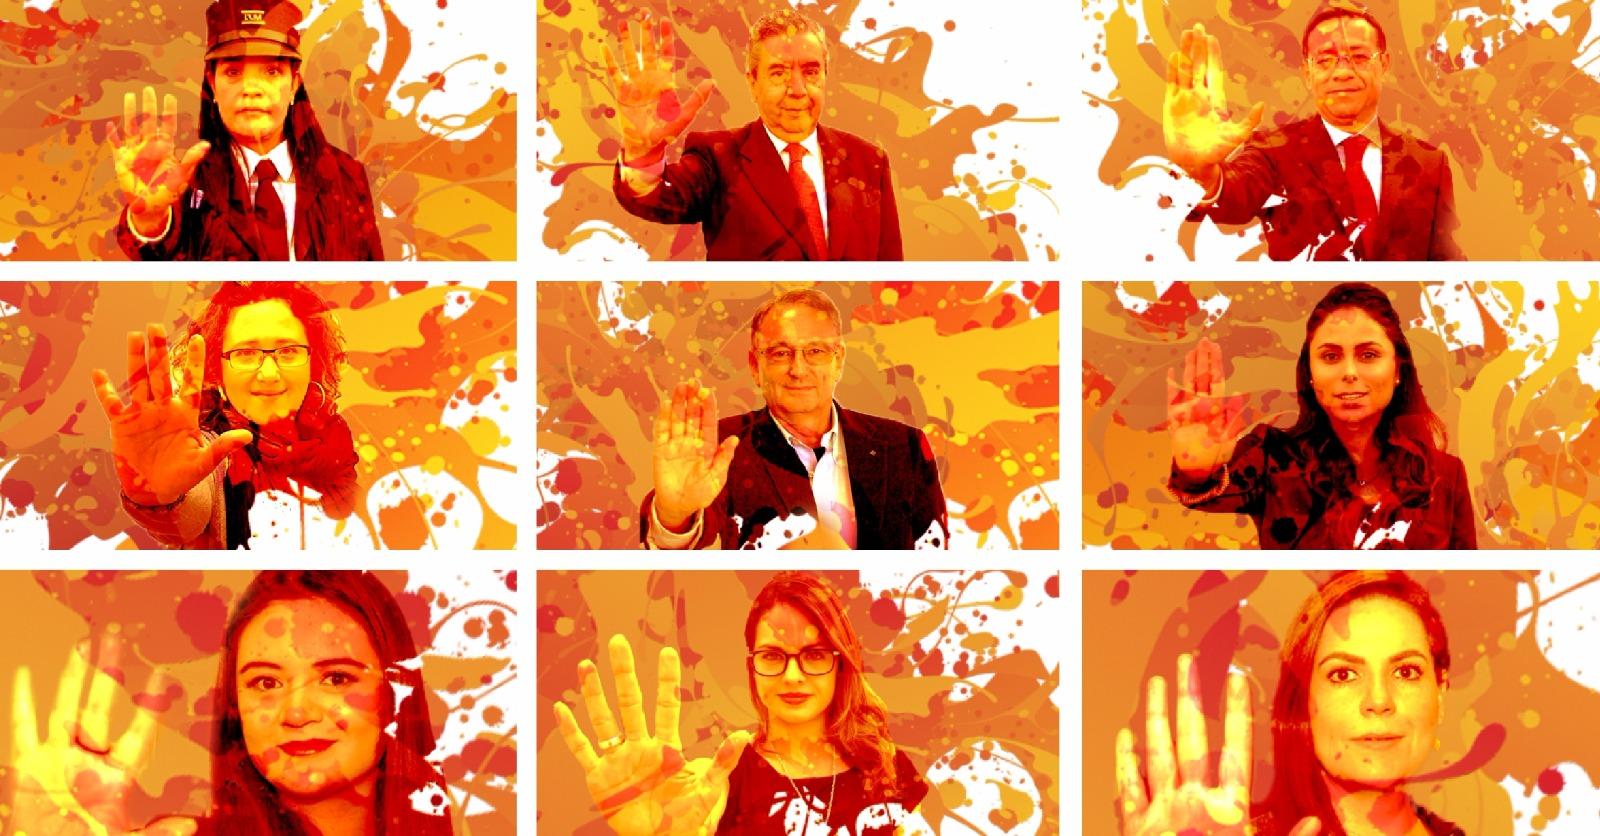 Hombres y mujeres haciendo con la mano la señal de Alto